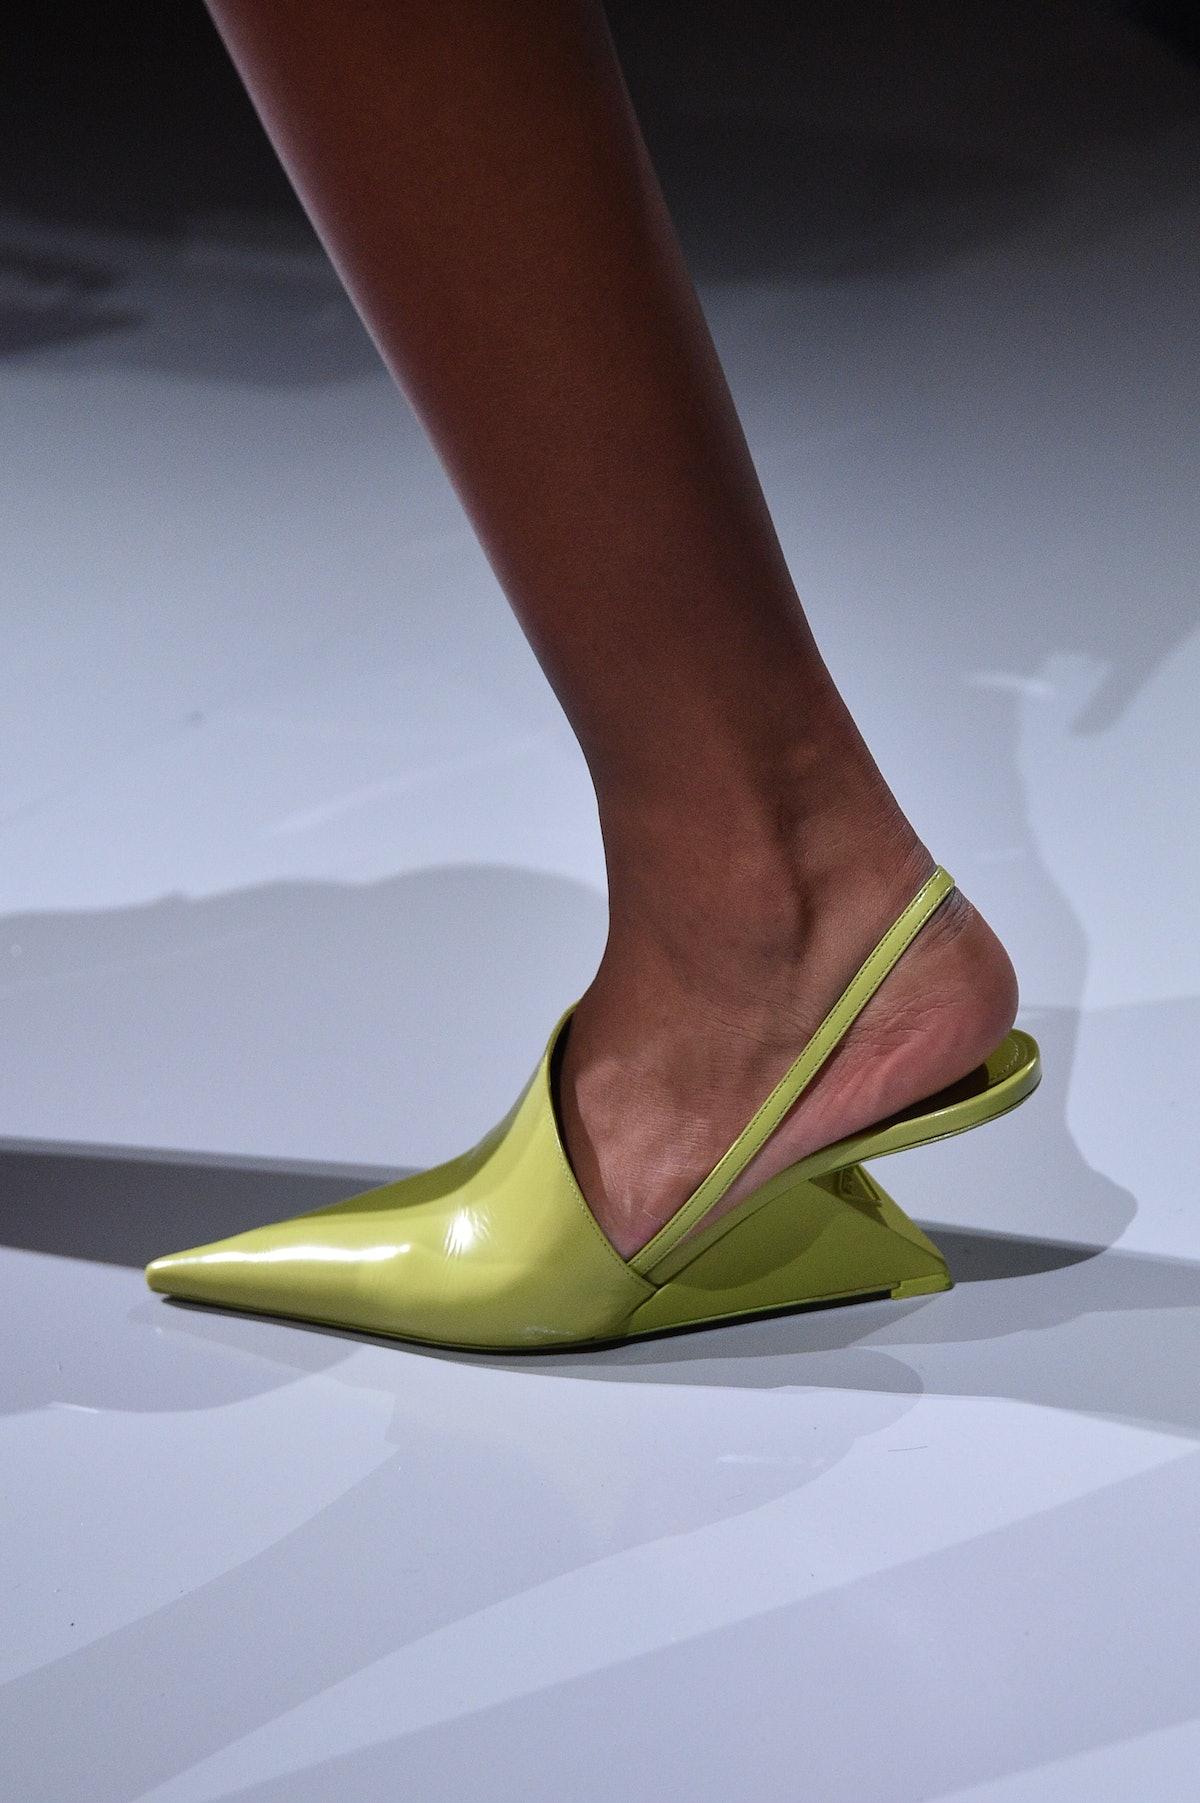 میلان ، ایتالیا - 24 سپتامبر: یک مدل ، جزئیات کفش ، روی باند پیاده روی در لباس زنانه پرادا بهار /...